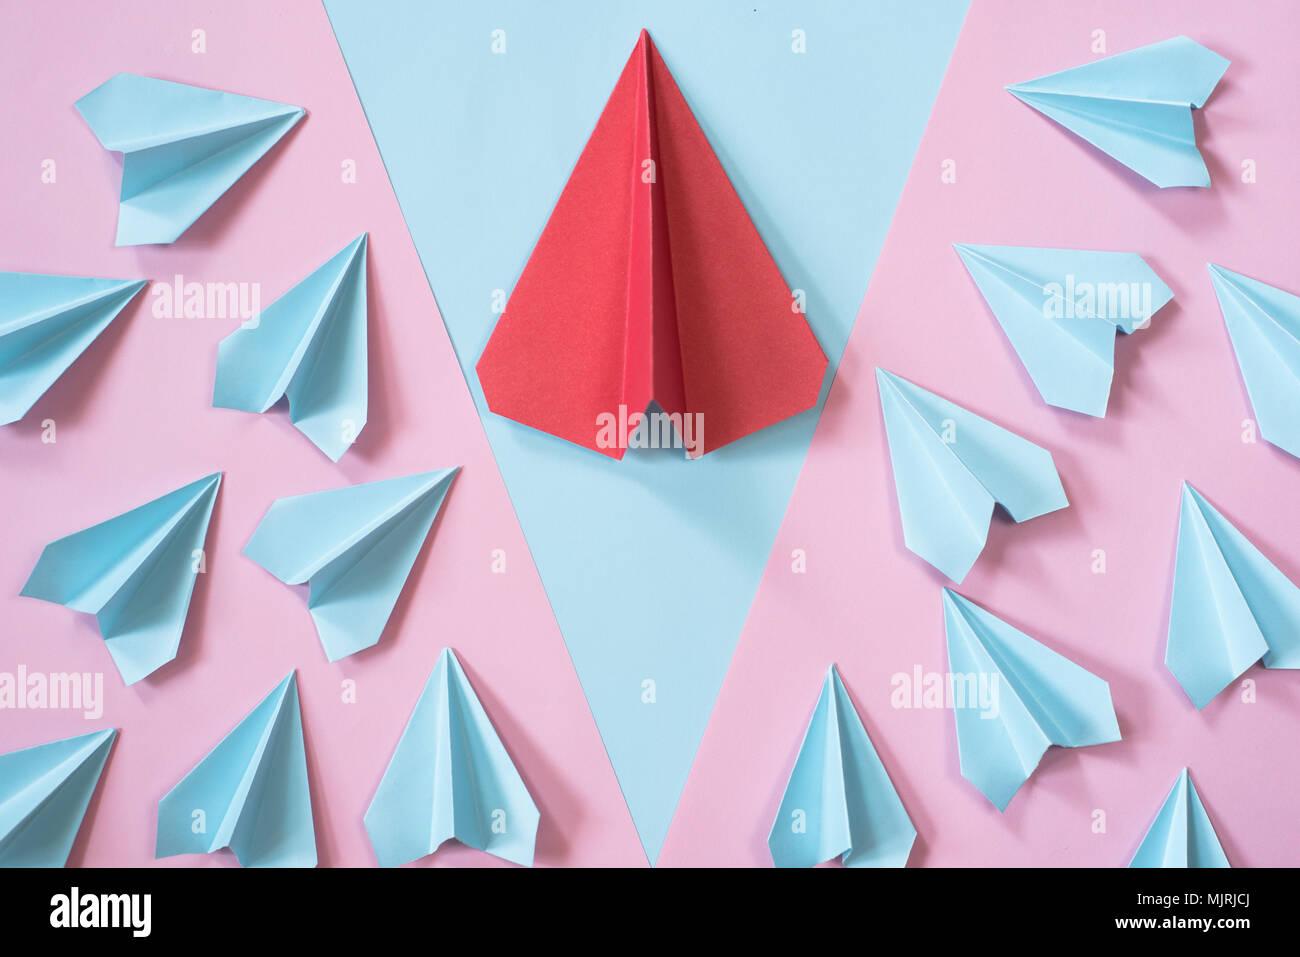 Blue aeroplani di carta che circonda il rosso più grande aeroplano di carta sul rosa pastello blu e colore di sfondo. il concetto di leadership Immagini Stock